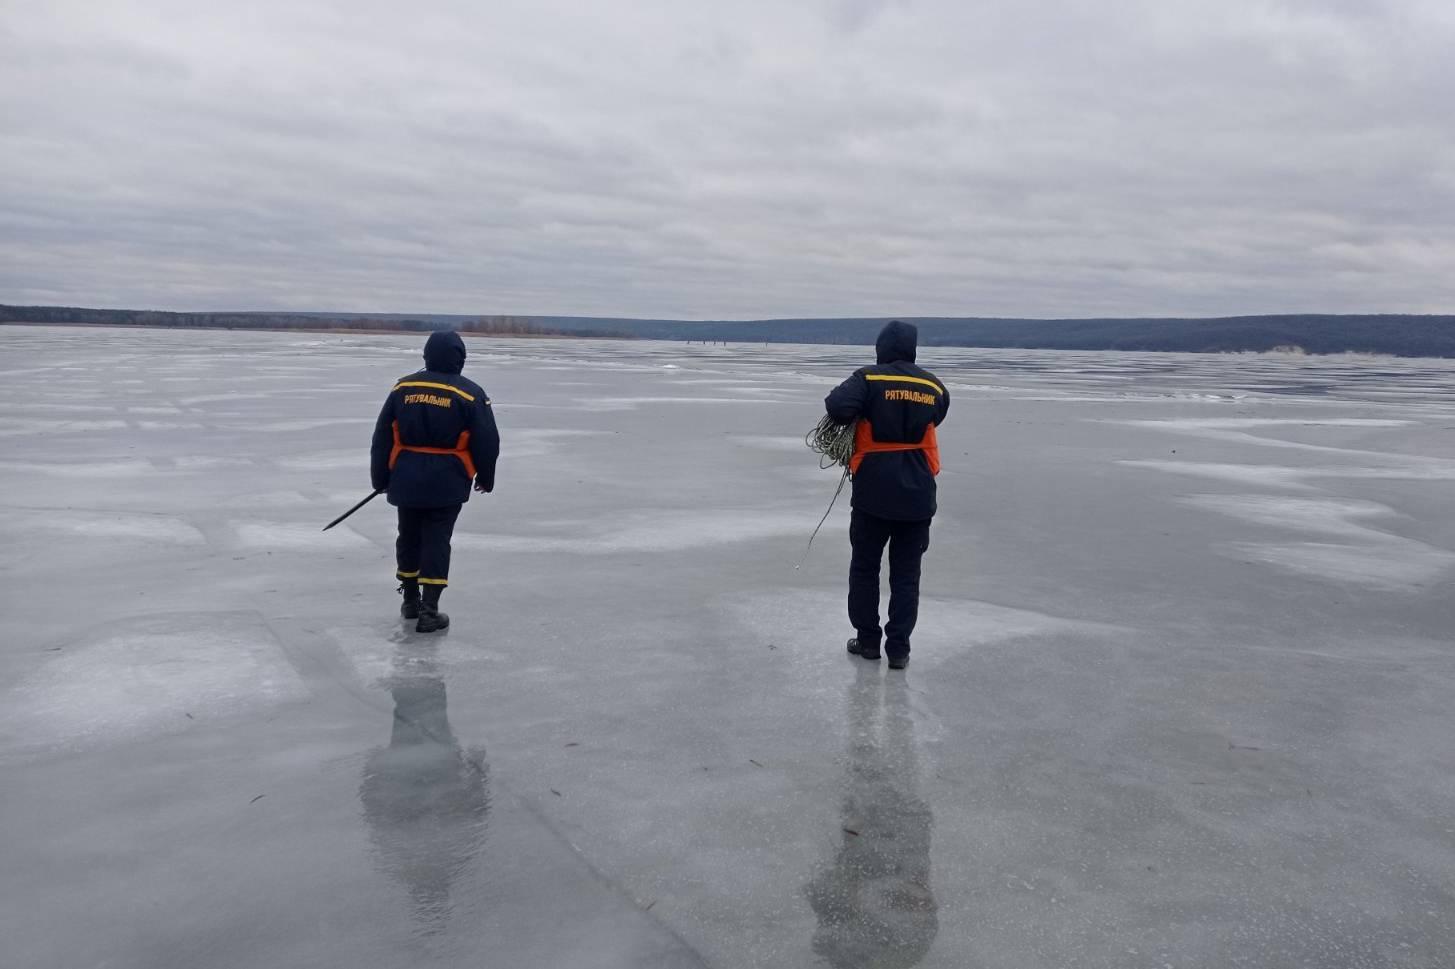 Рыбака, пропавшего на Печенежском водохранилище, не нашли